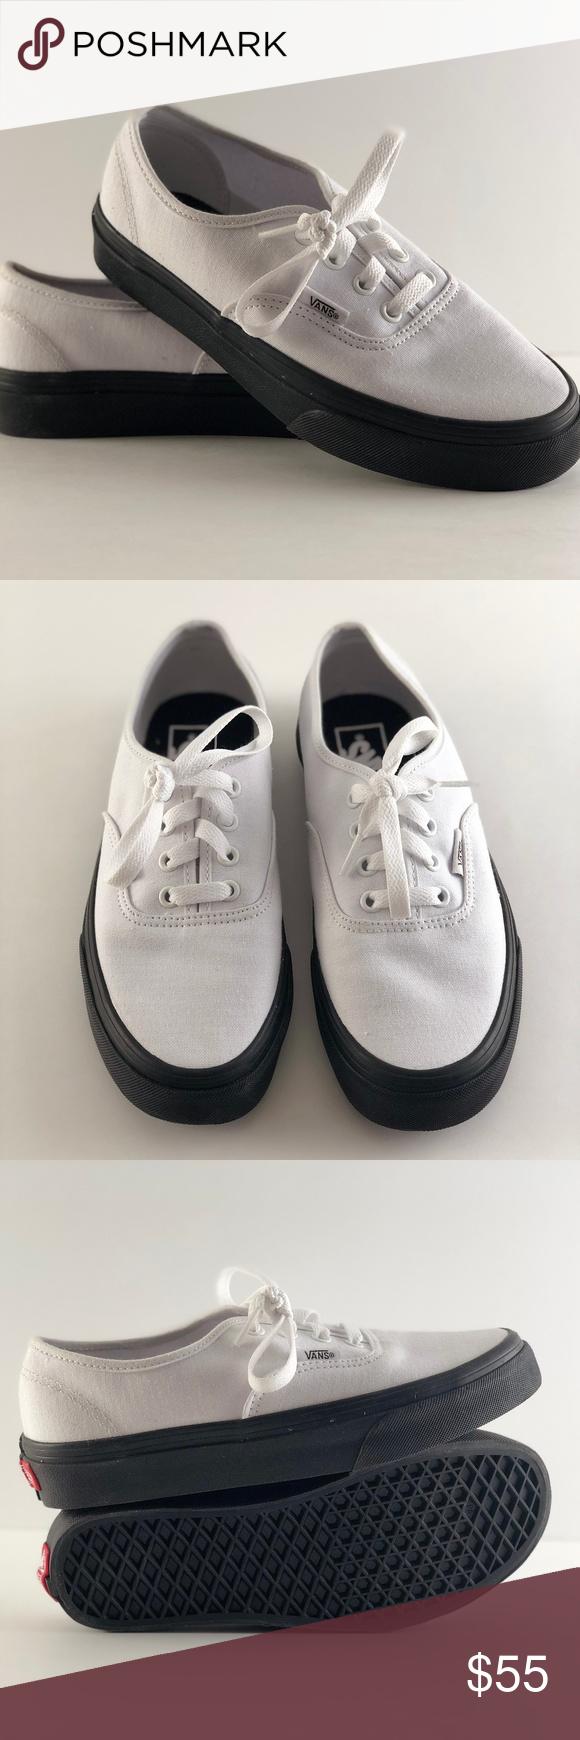 4e80a61a93 Vans Authentic Black Outsole True White Skate Vans Authentic Black ...